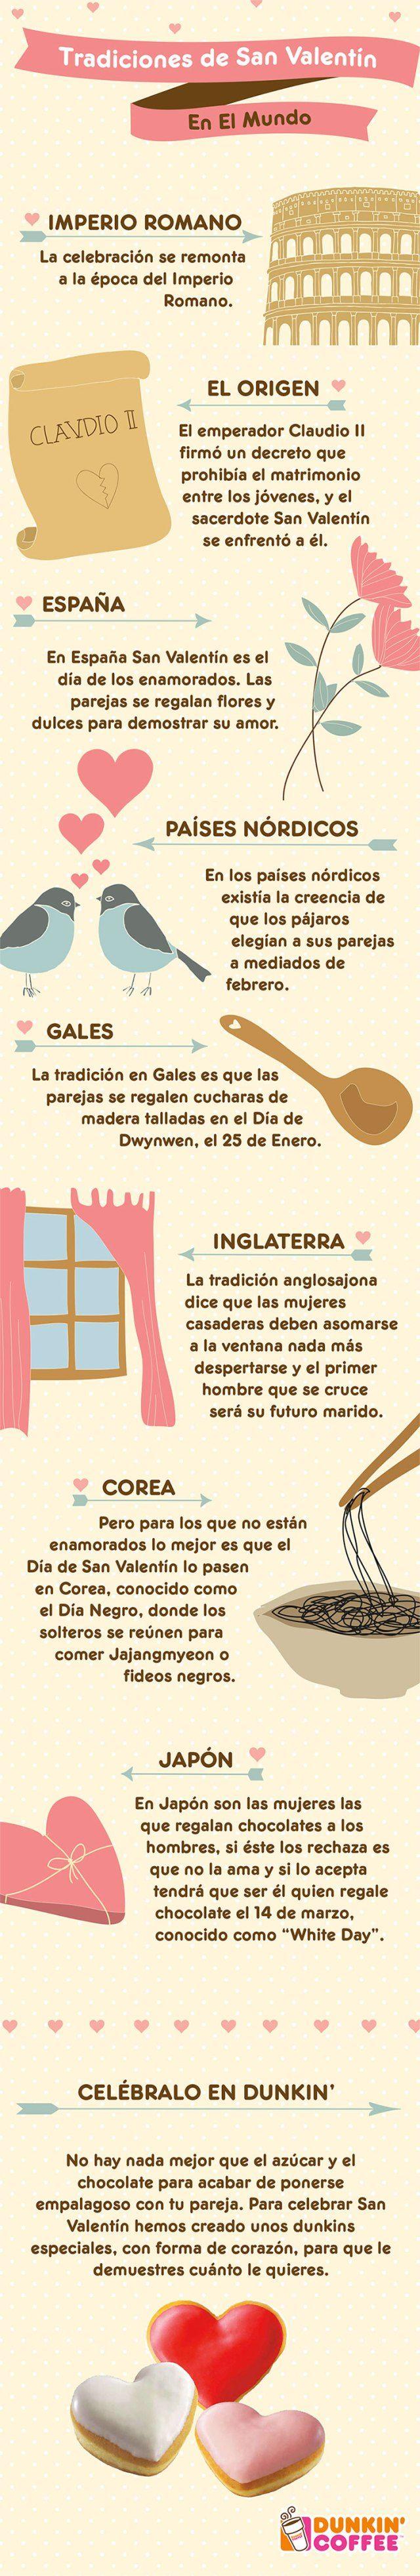 Tradiciones de San Valentín en el Mundo #infografia #infographic